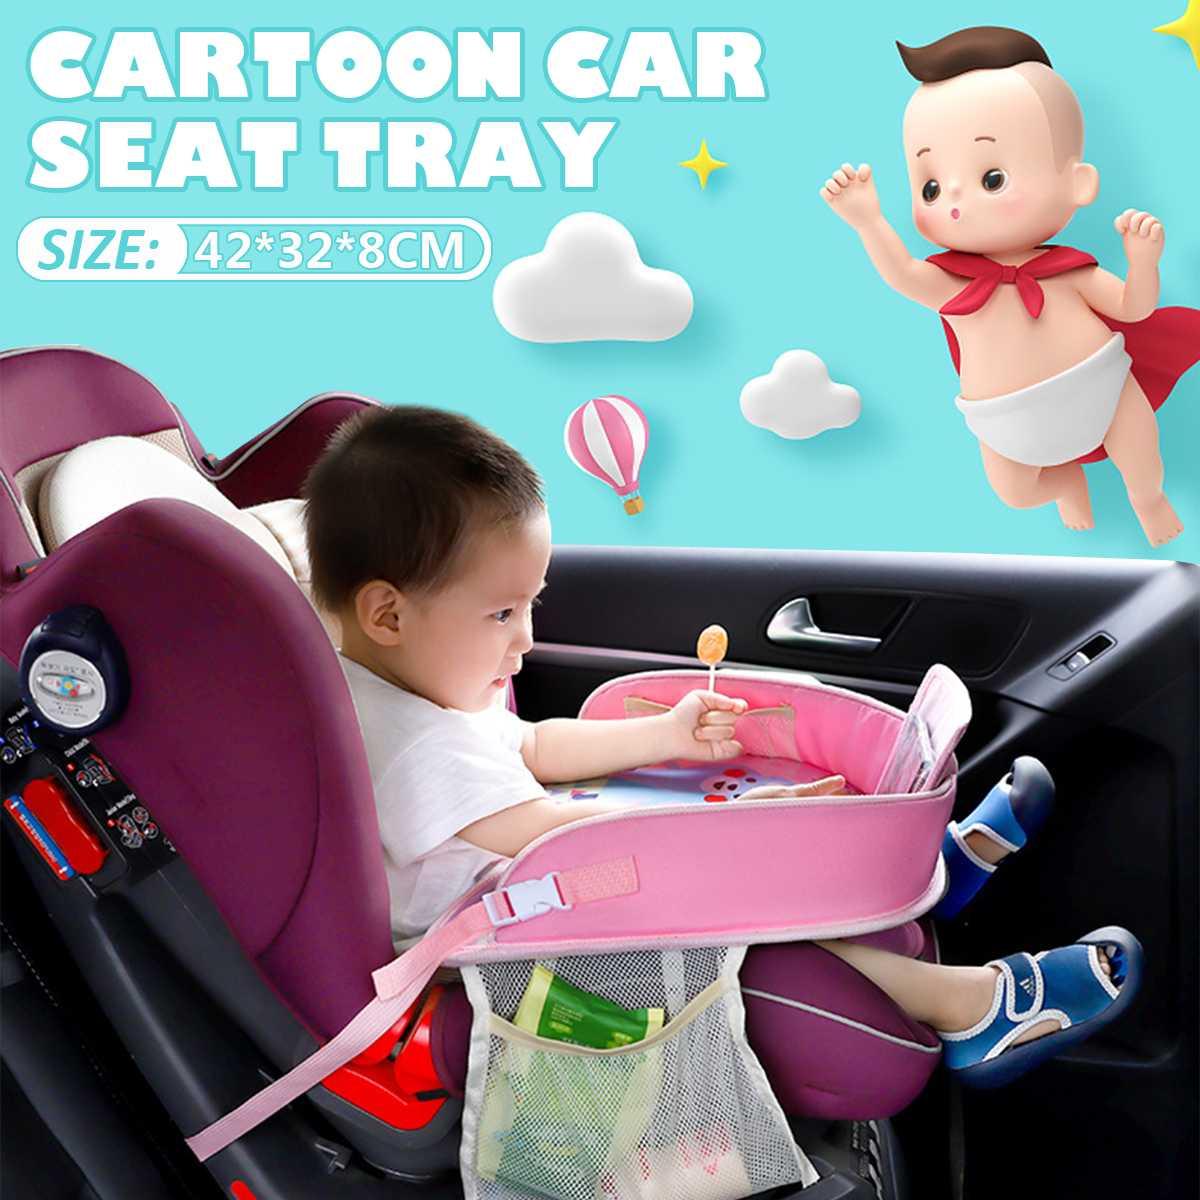 Водонепроницаемый домашний стол подлокотник для сидения автомобиля дети в автомобиле держатели для напитков хранения детей игрушки младенческой детей обеденный стол для напитков забор для детей